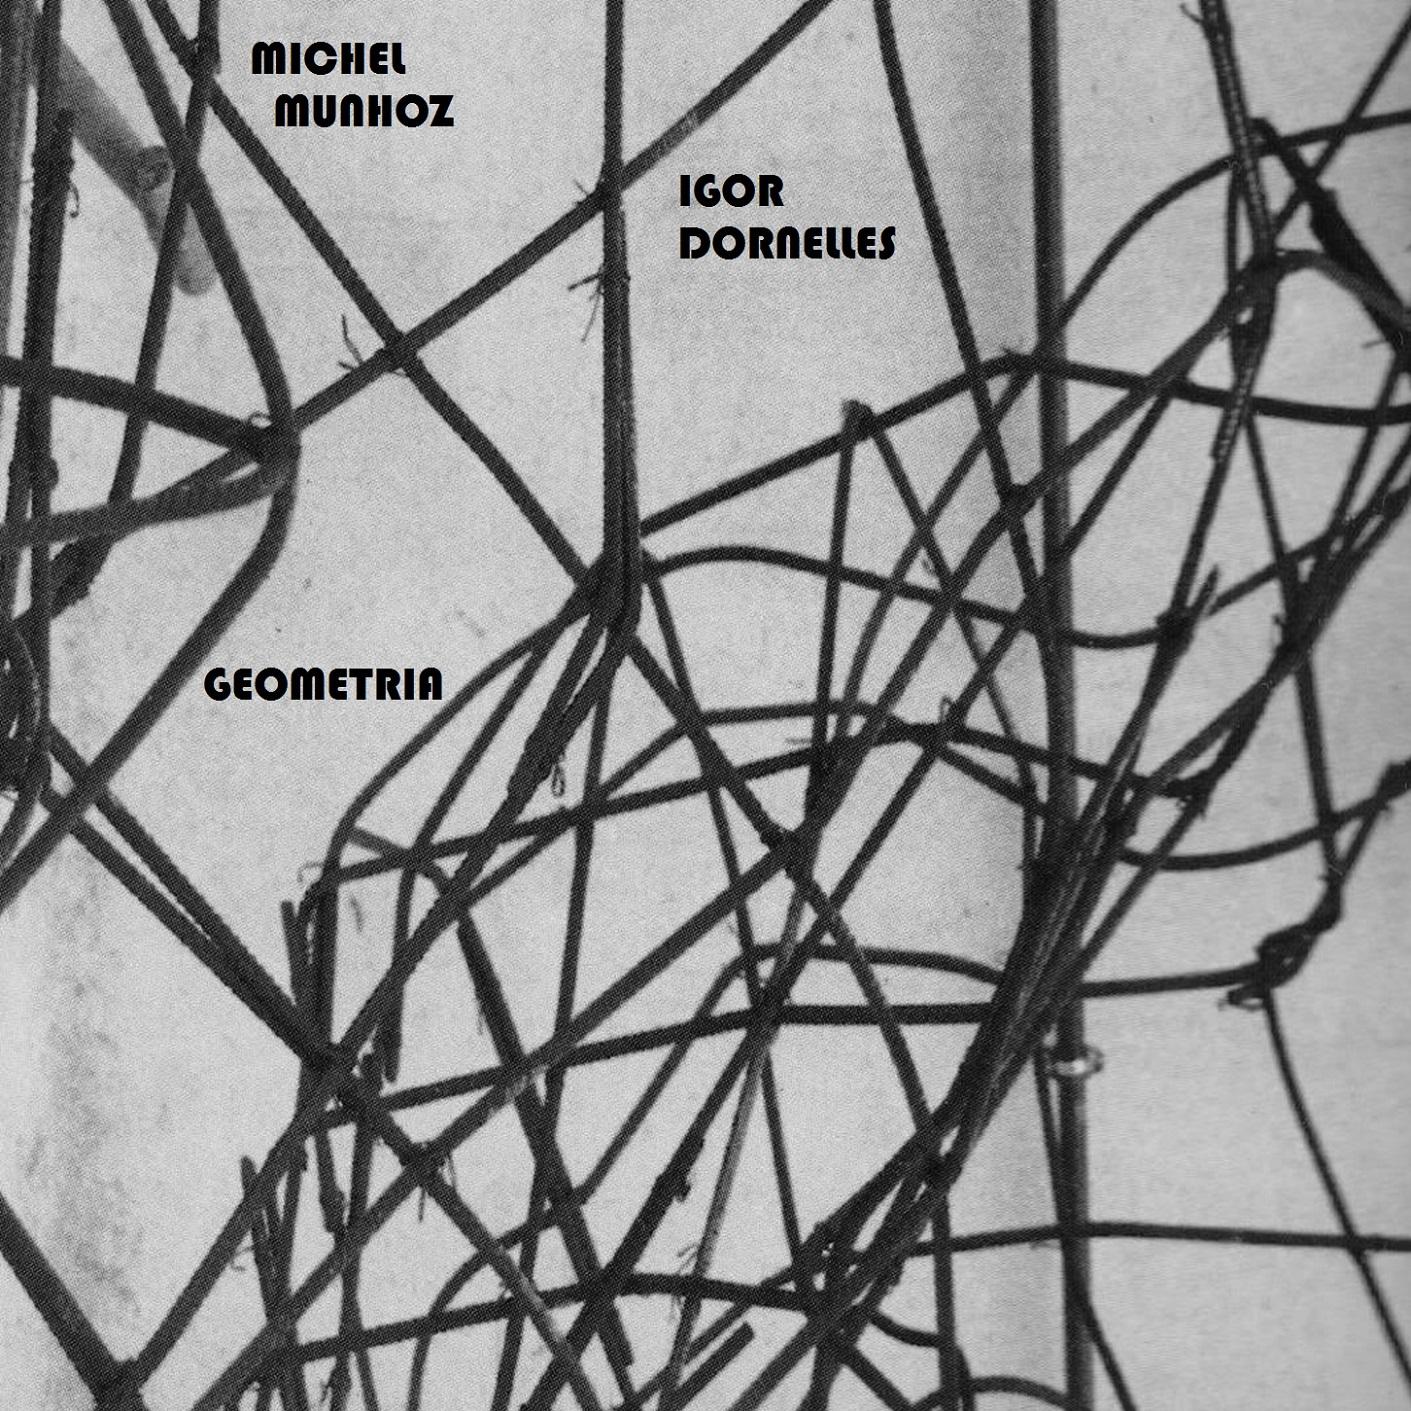 MSRCD076 - Michel Munhoz & Igor Dornelles - Geometria